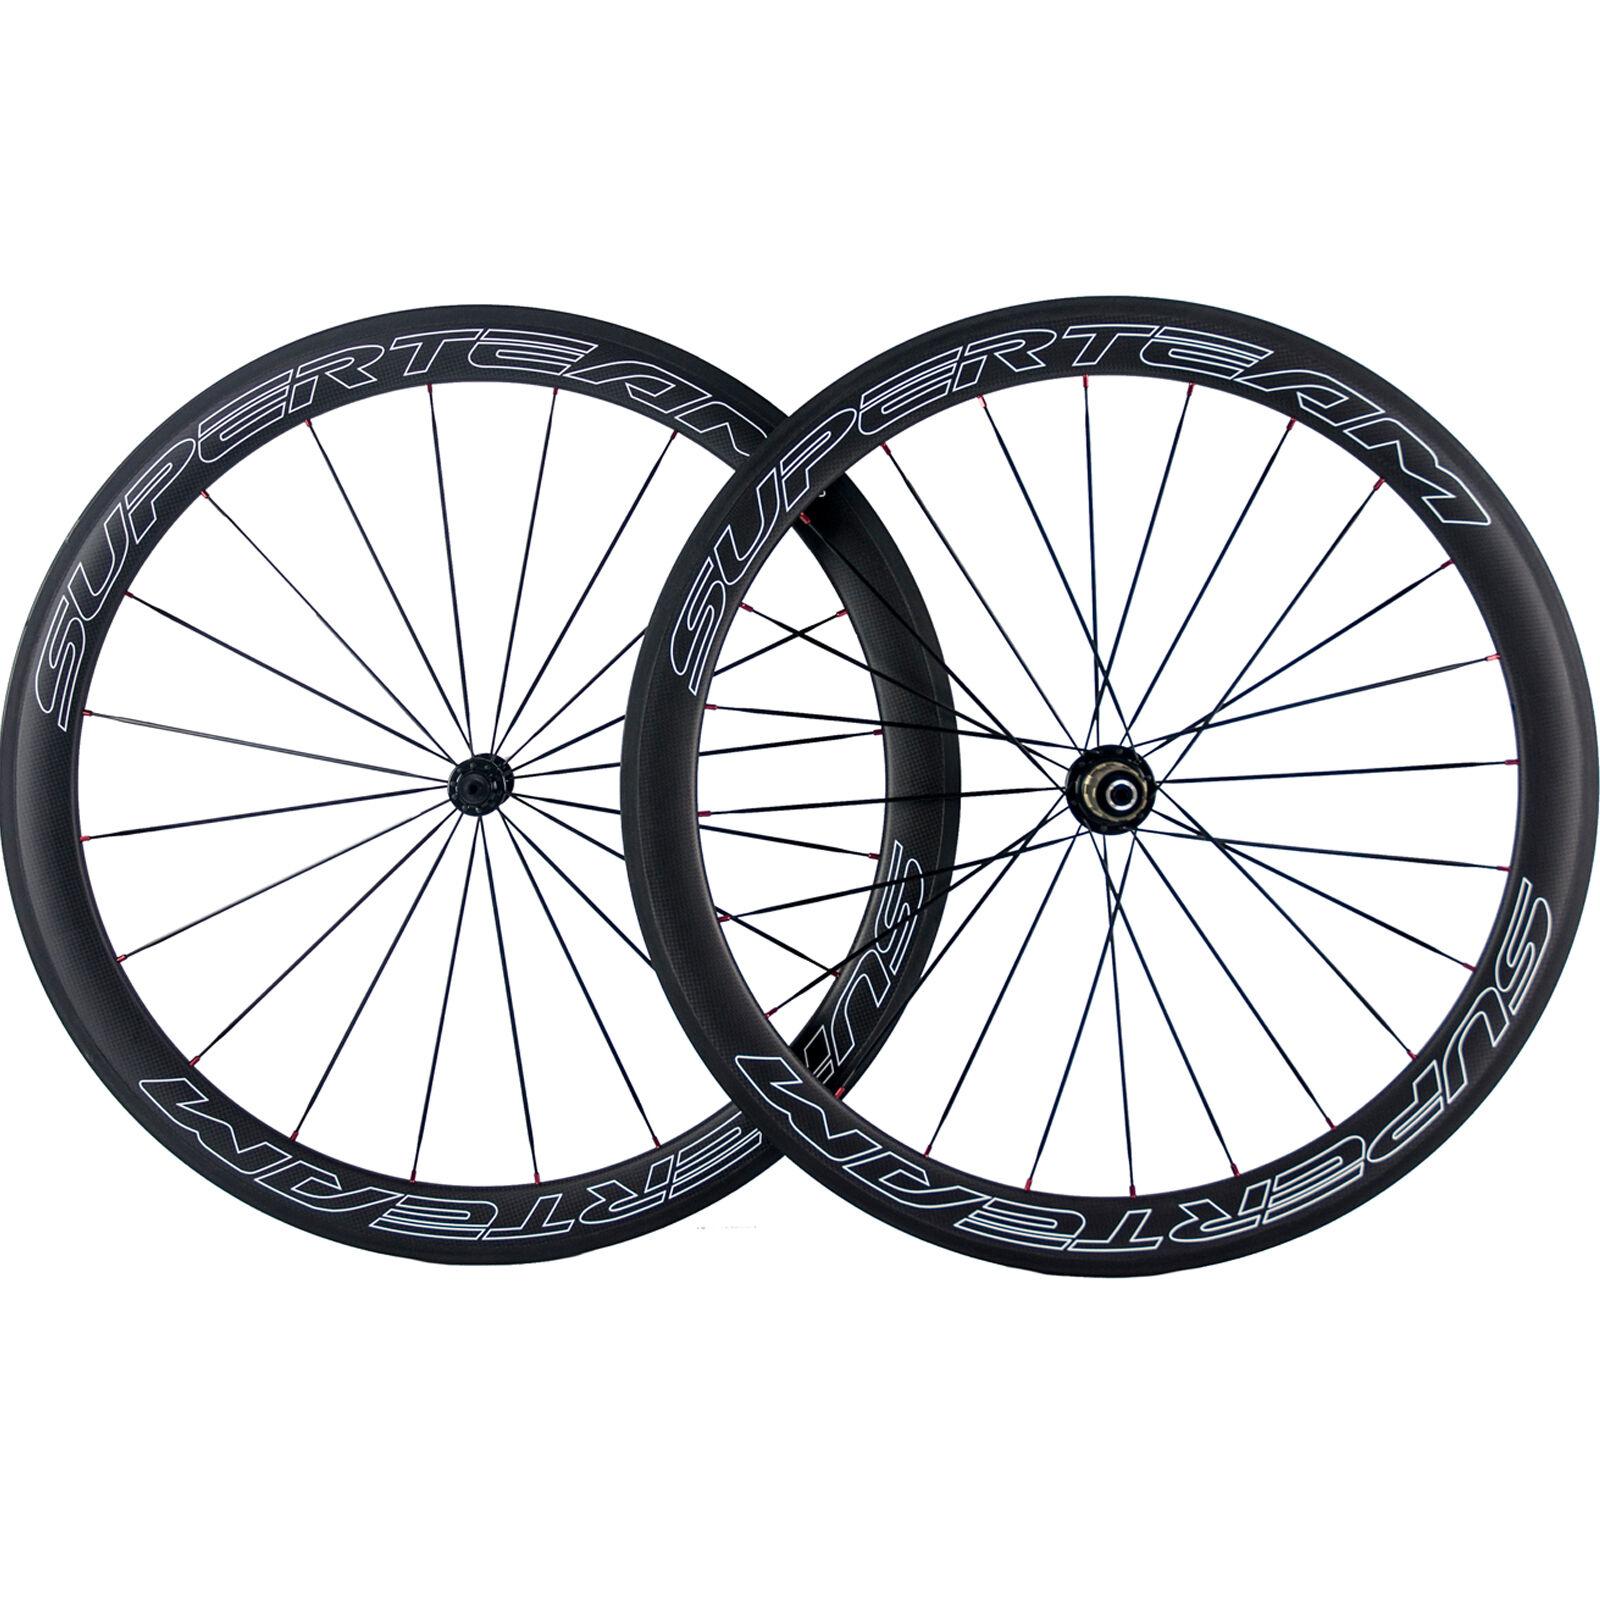 SUPERTEAM 700C Carbon Road  Bike Wheels 50mm Carbon Clincher Wheelset Bicycle  100% authentic